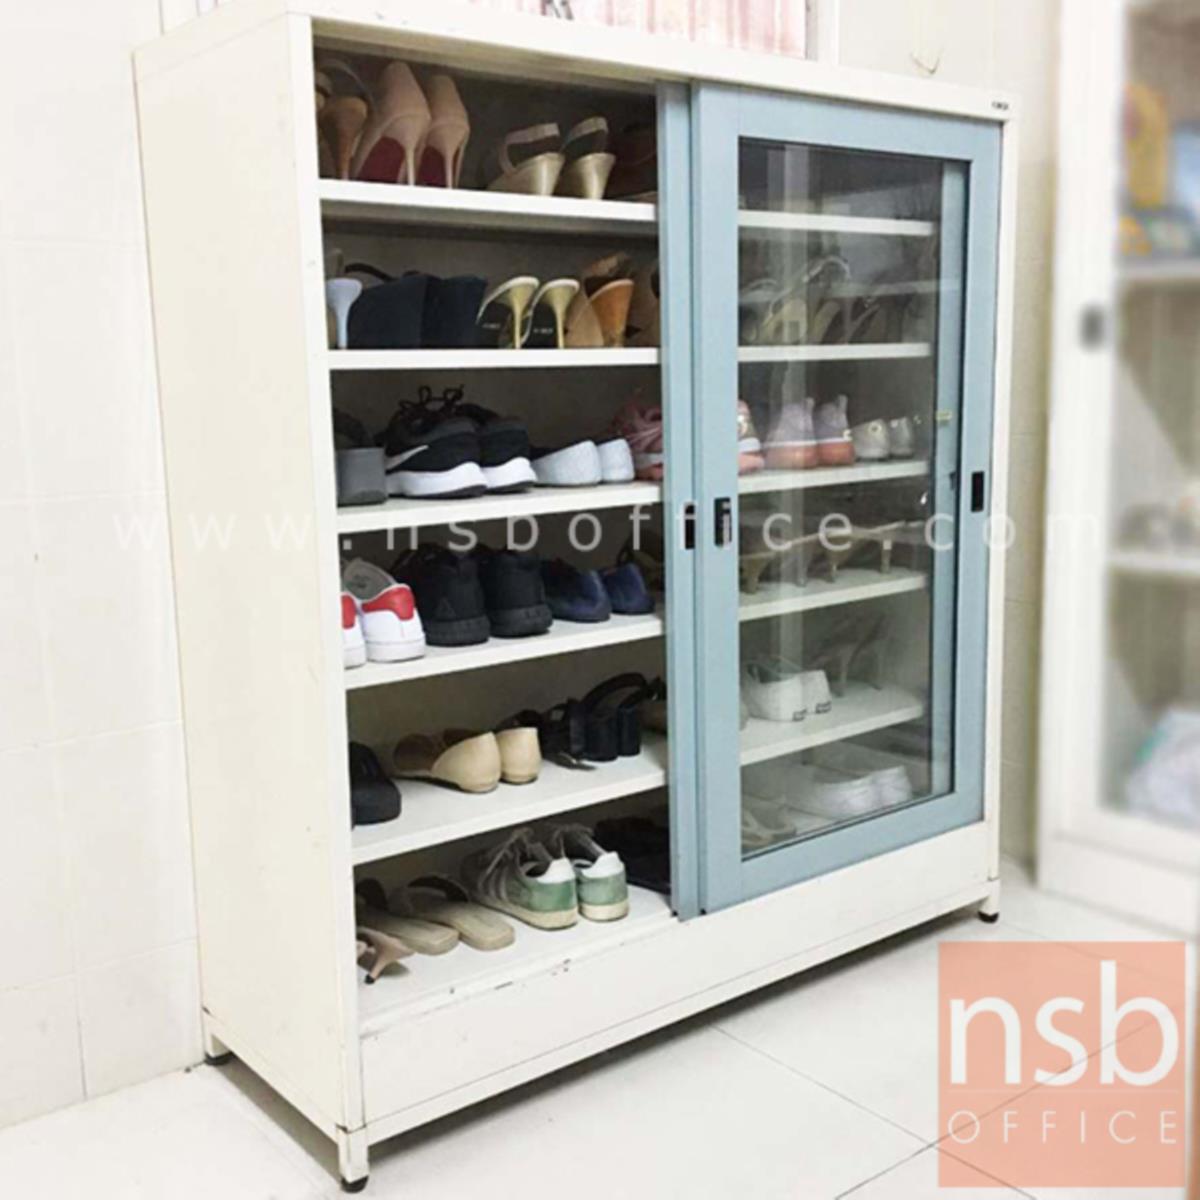 ตู้เหล็กวางรองเท้า N-0120 118.5W cm.  สูงพิเศษ พร้อมฐานรองแบบขาลอย